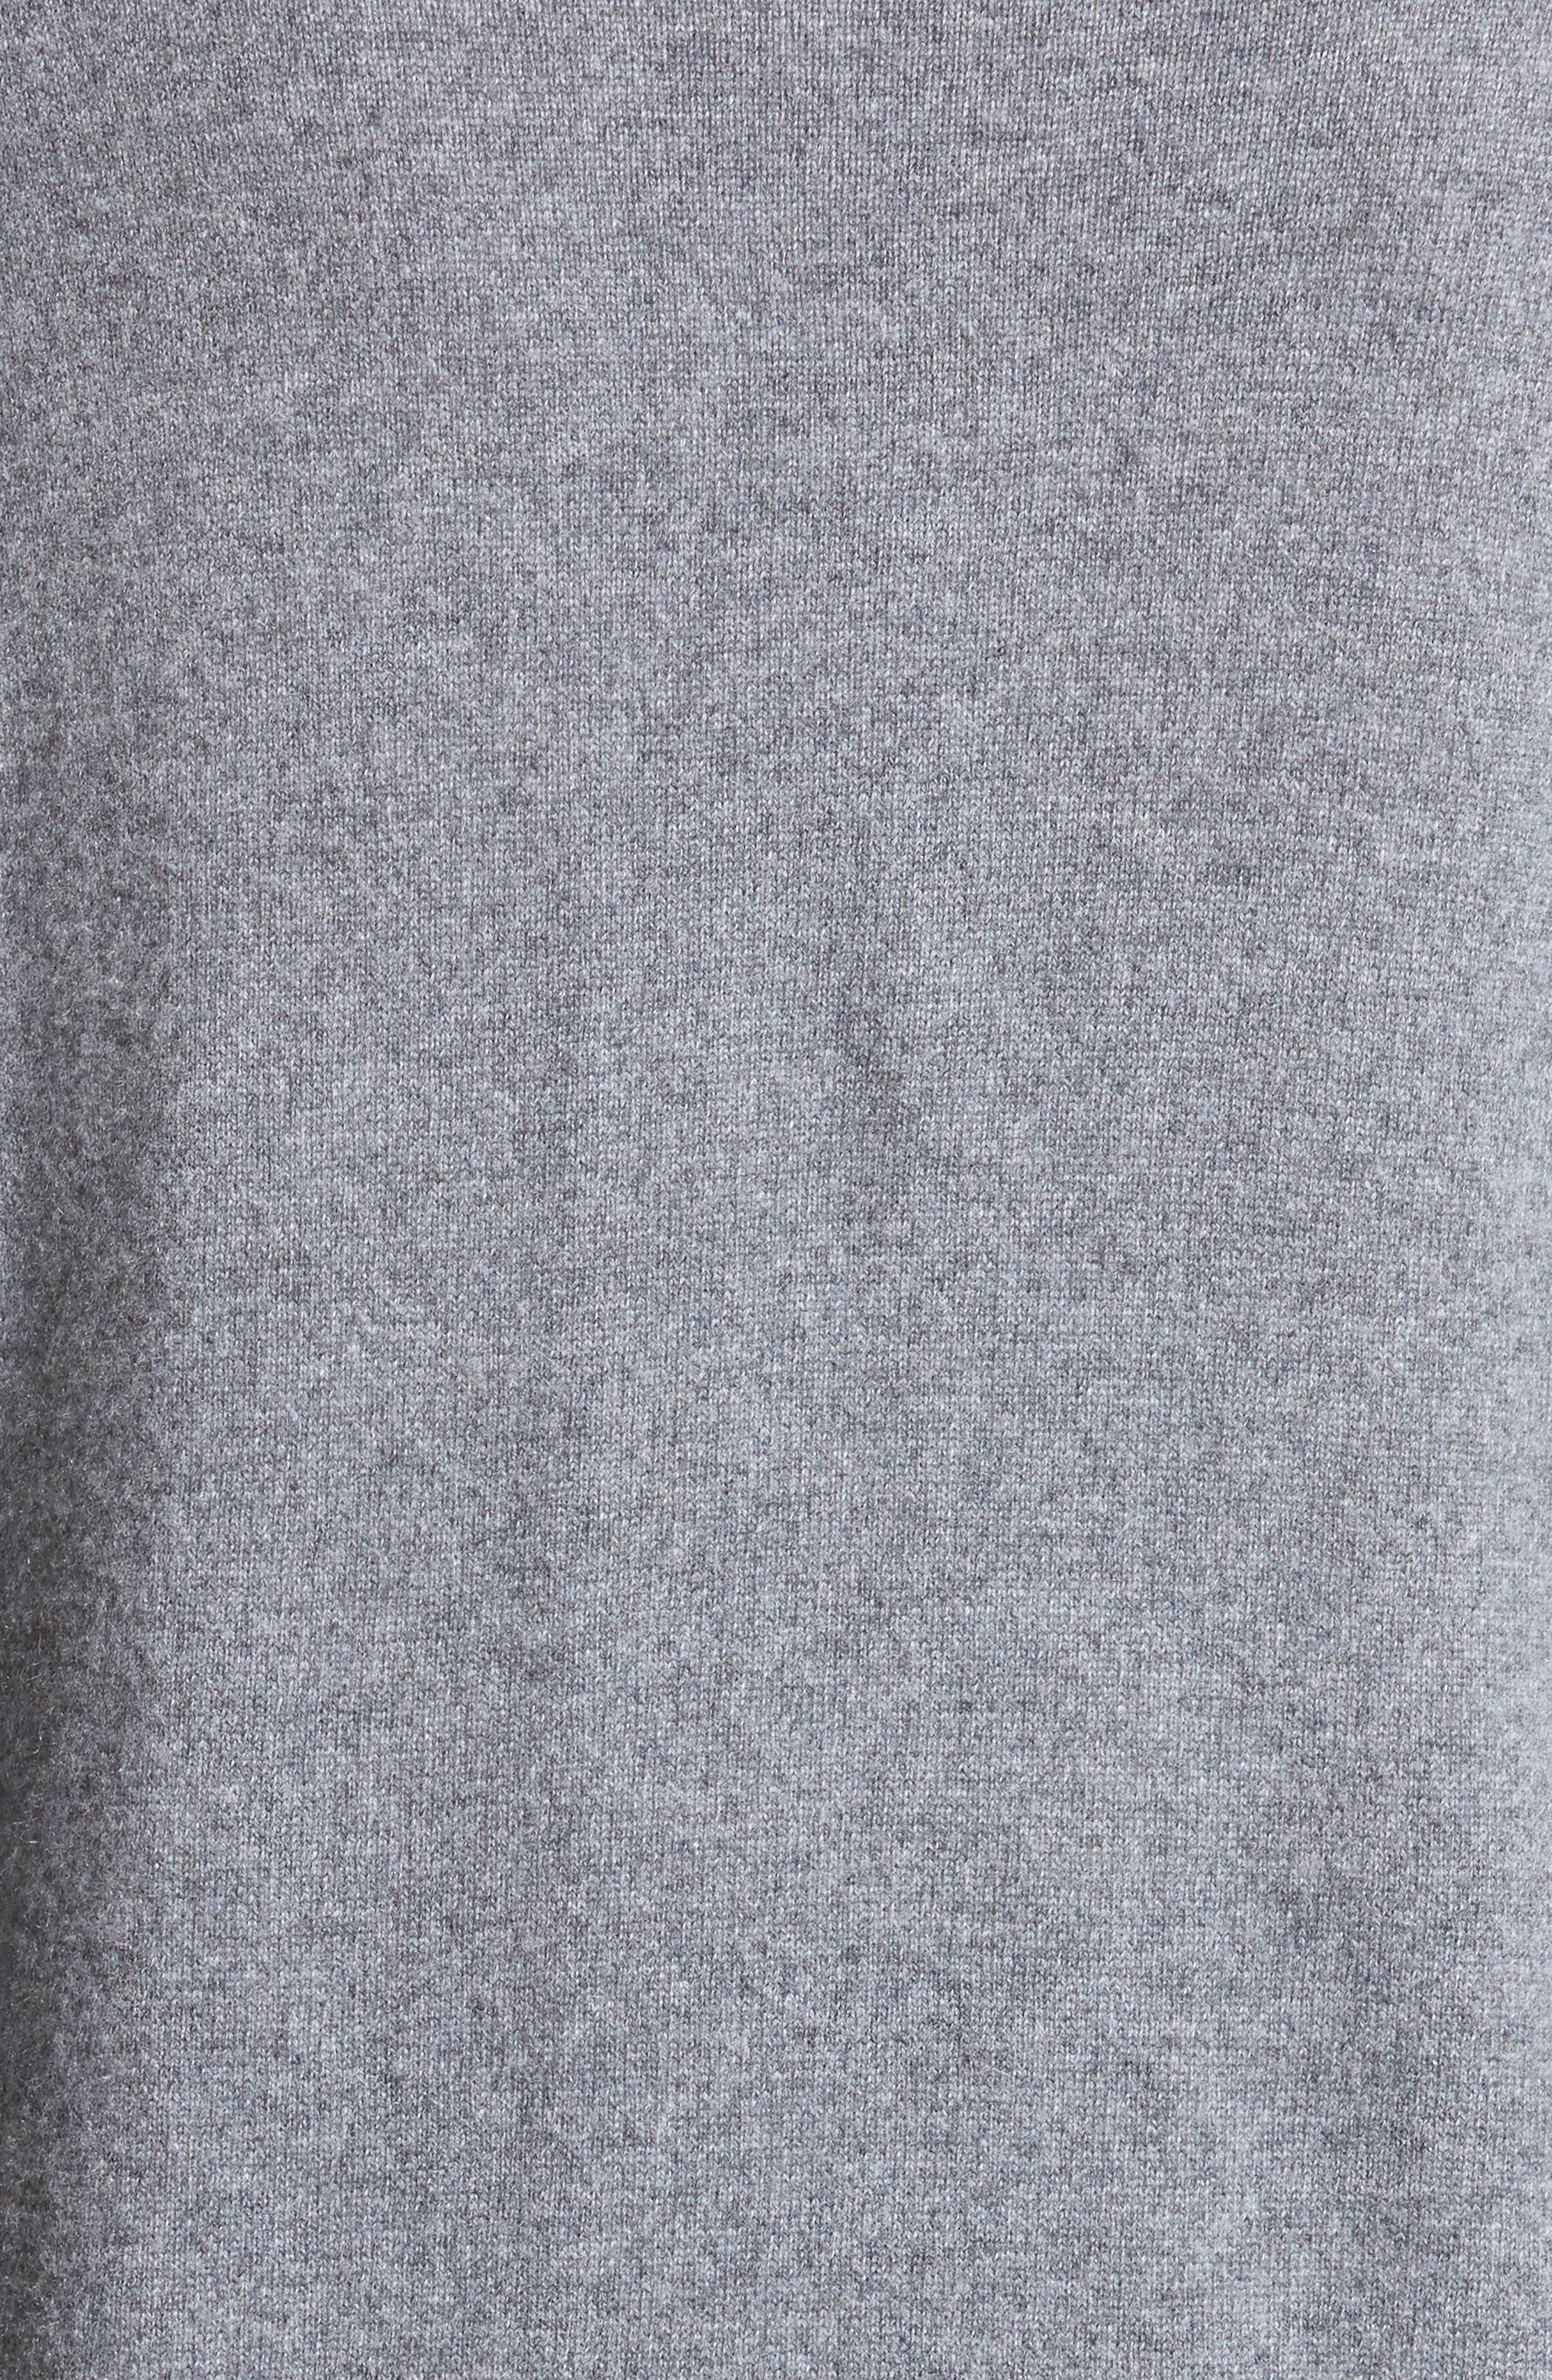 Embellished Cashmere Turtleneck Sweater,                             Alternate thumbnail 5, color,                             030